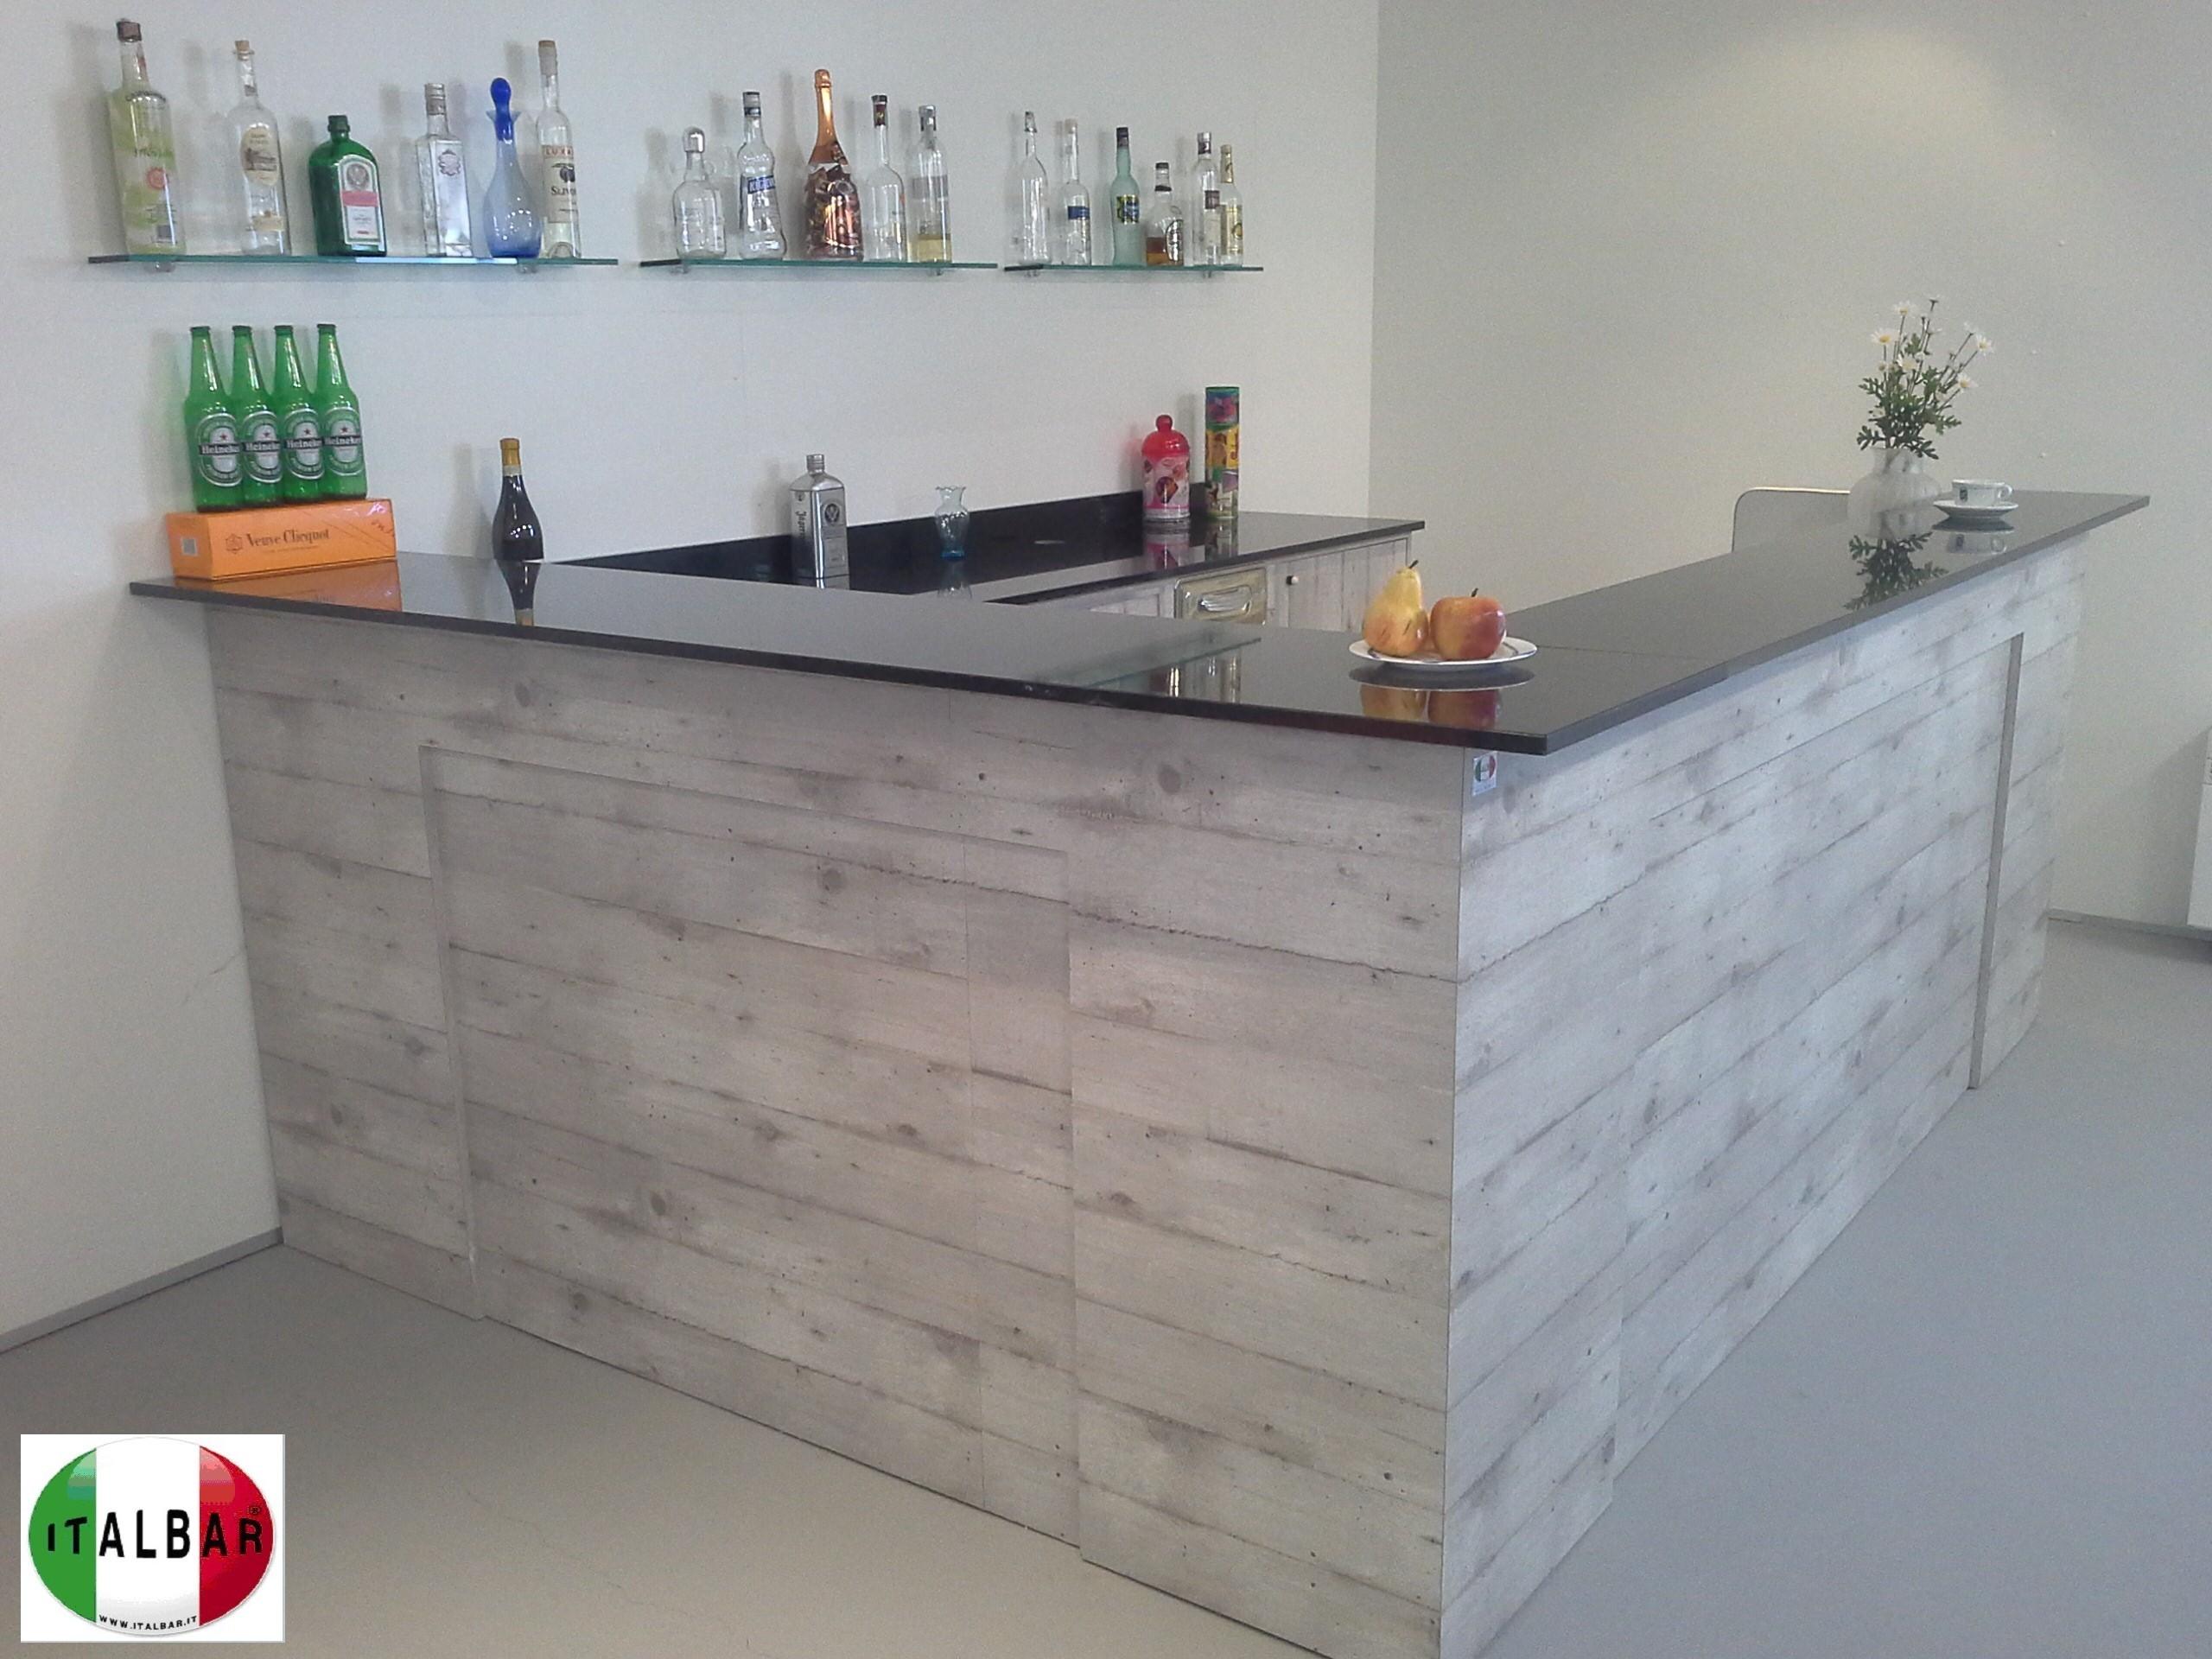 Banchi bar produttori banchi bar grezzi e rivestiti for Banchi bar e arredamenti completi